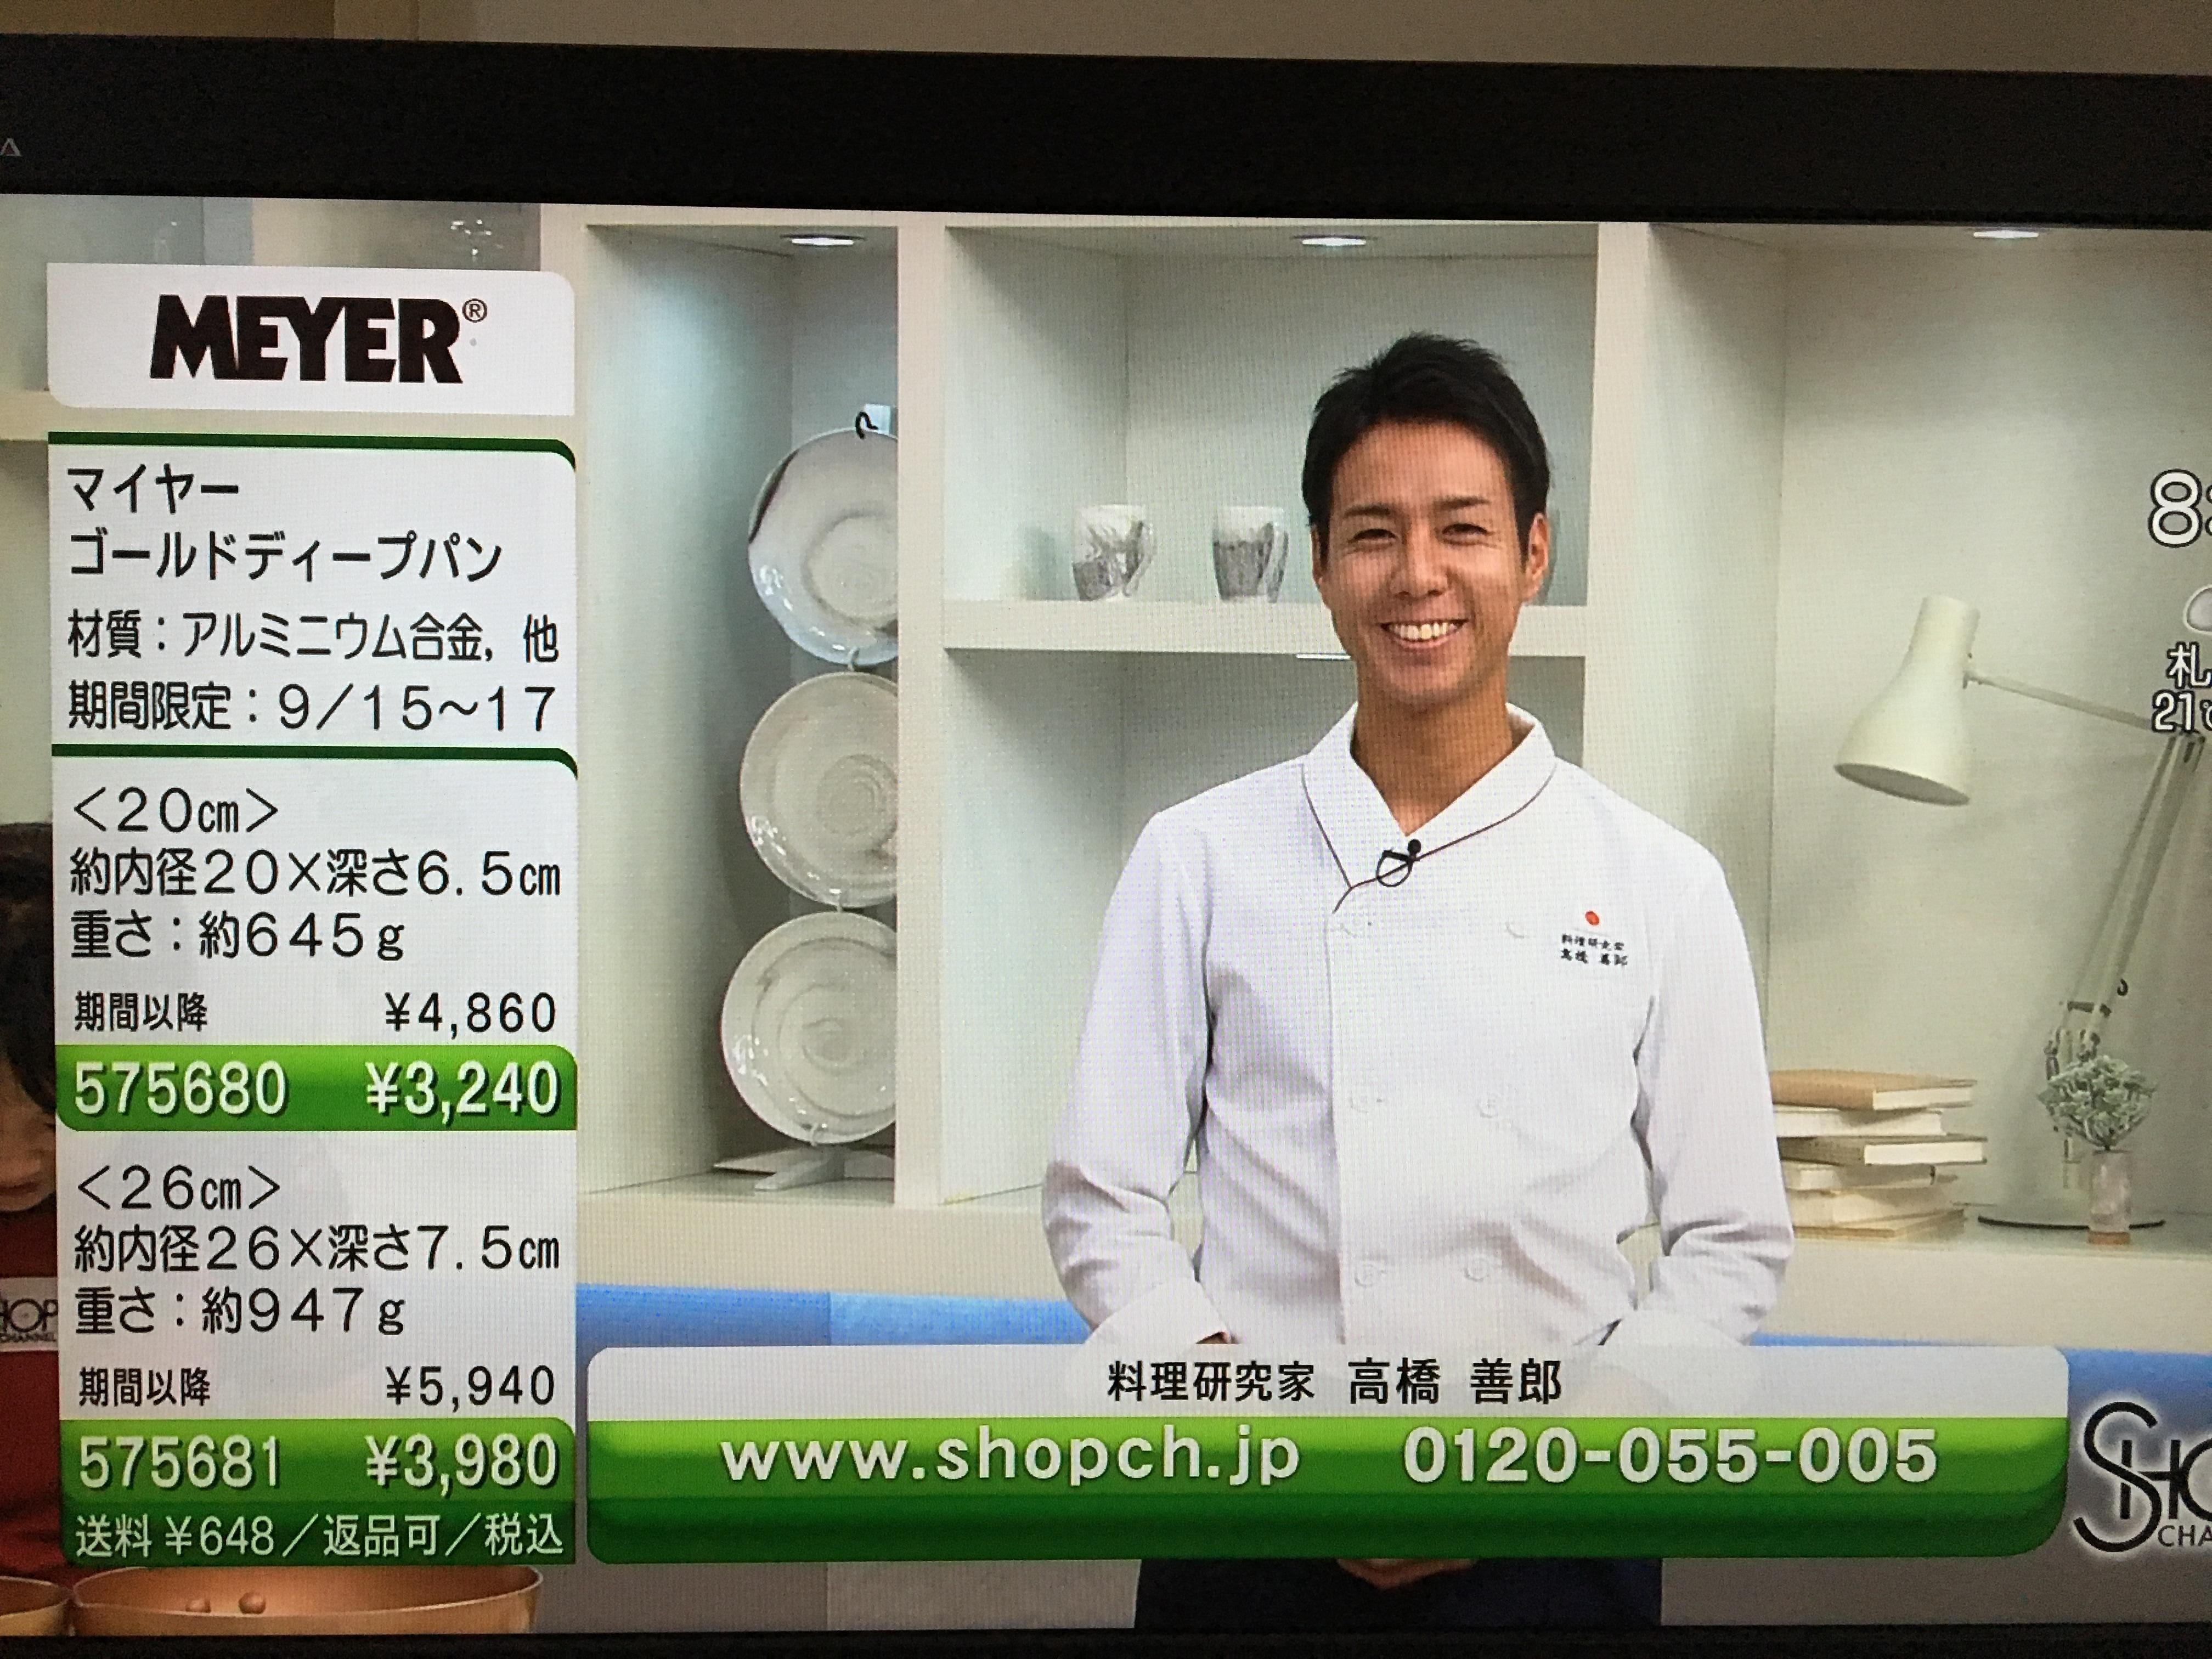 高橋善郎:ショップジャパンに出演し「MEYER」の商品をご案内しました!